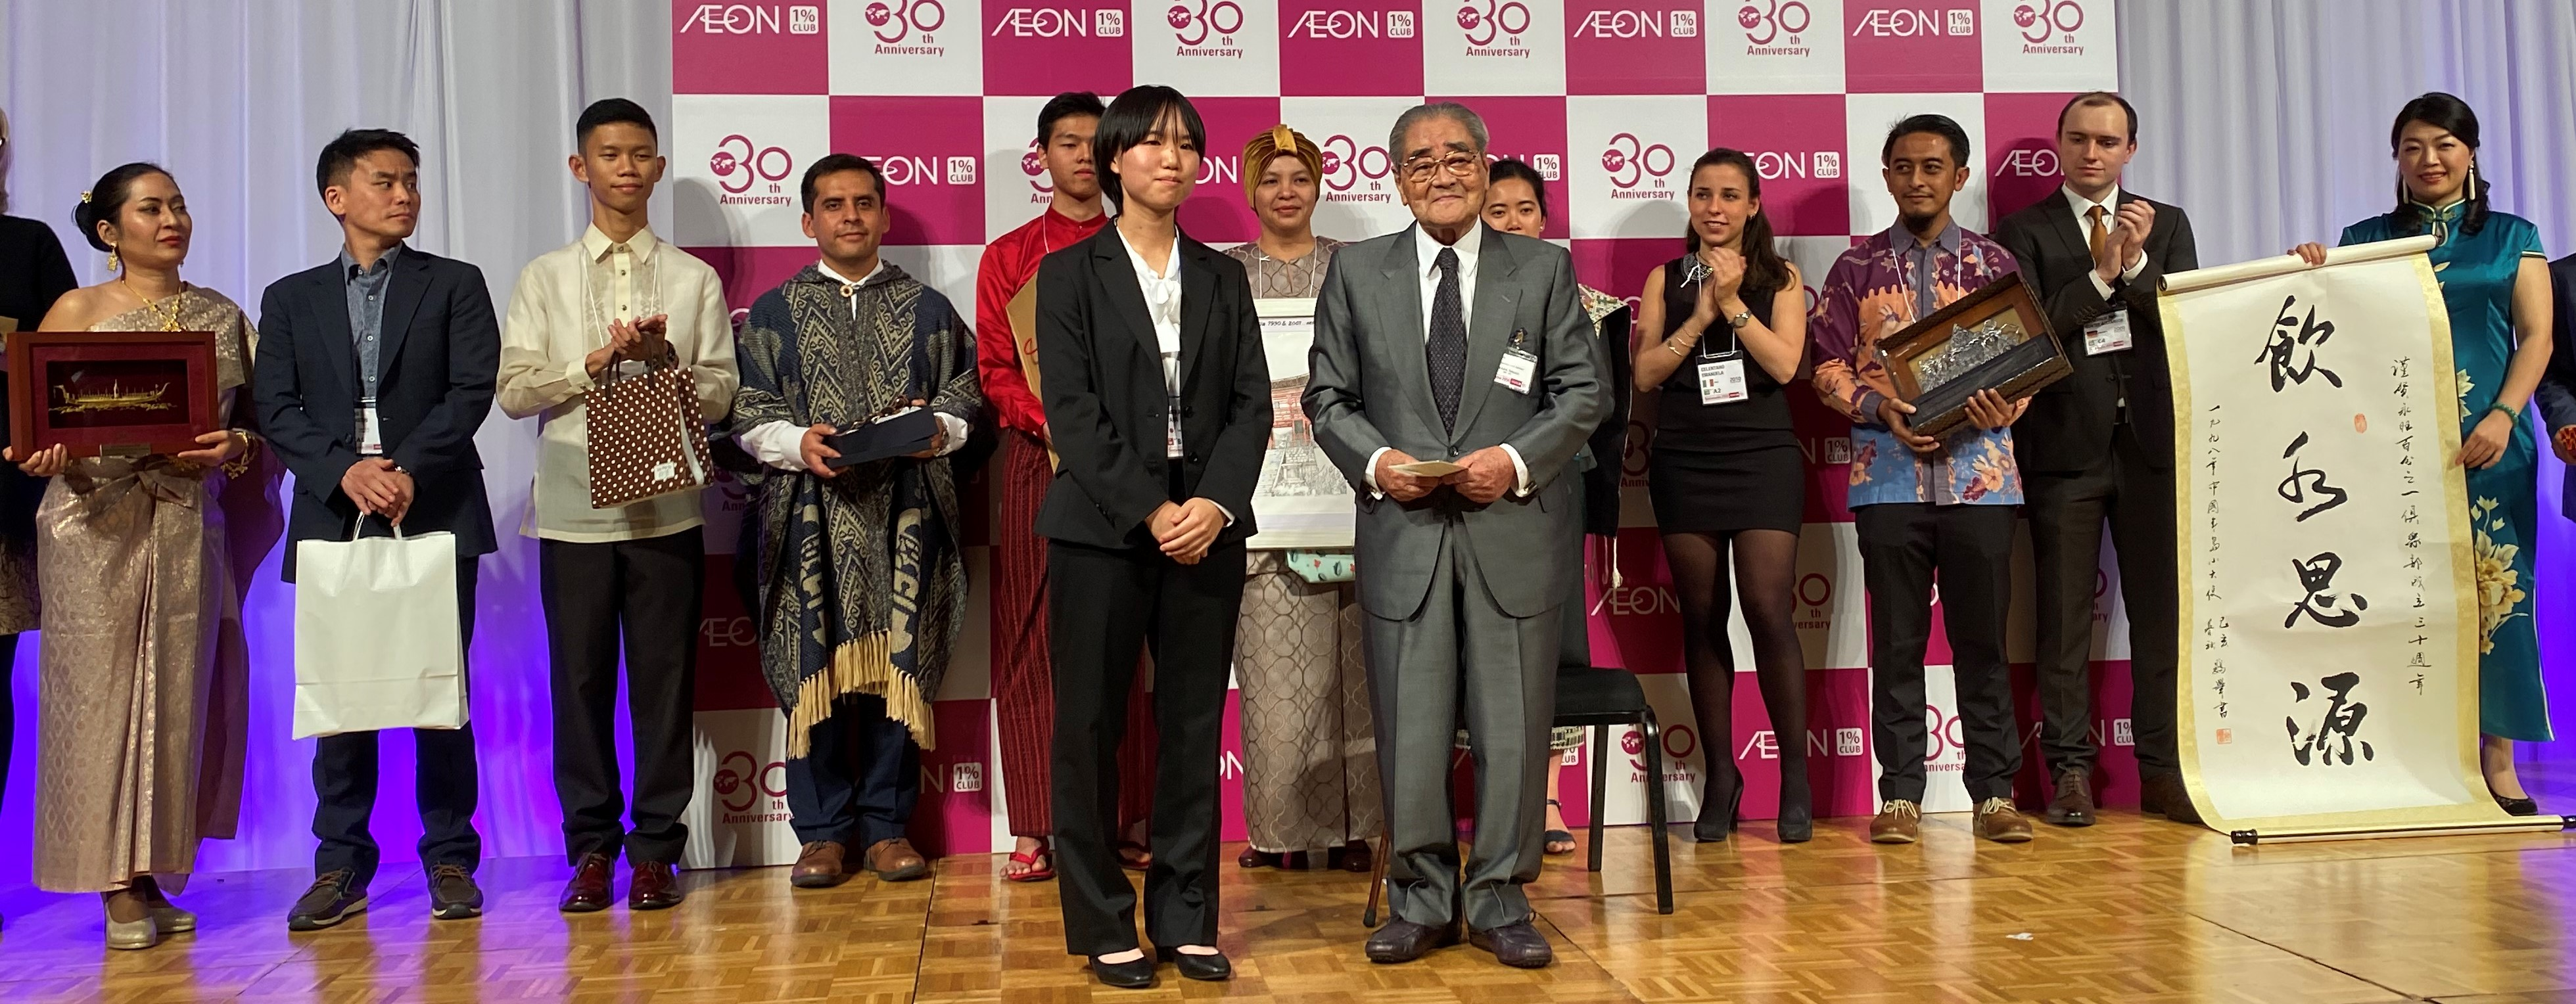 イオンワンパーセントクラブ<br>設立30周年記念事業 設立30周年記念事業を実施し「Sustainable 2050 -持続可能な社会の実現そのために私たちが出来ること-」をテーマに歴代参加者18カ国331名が集まり、自らの行動宣言を策定しました。